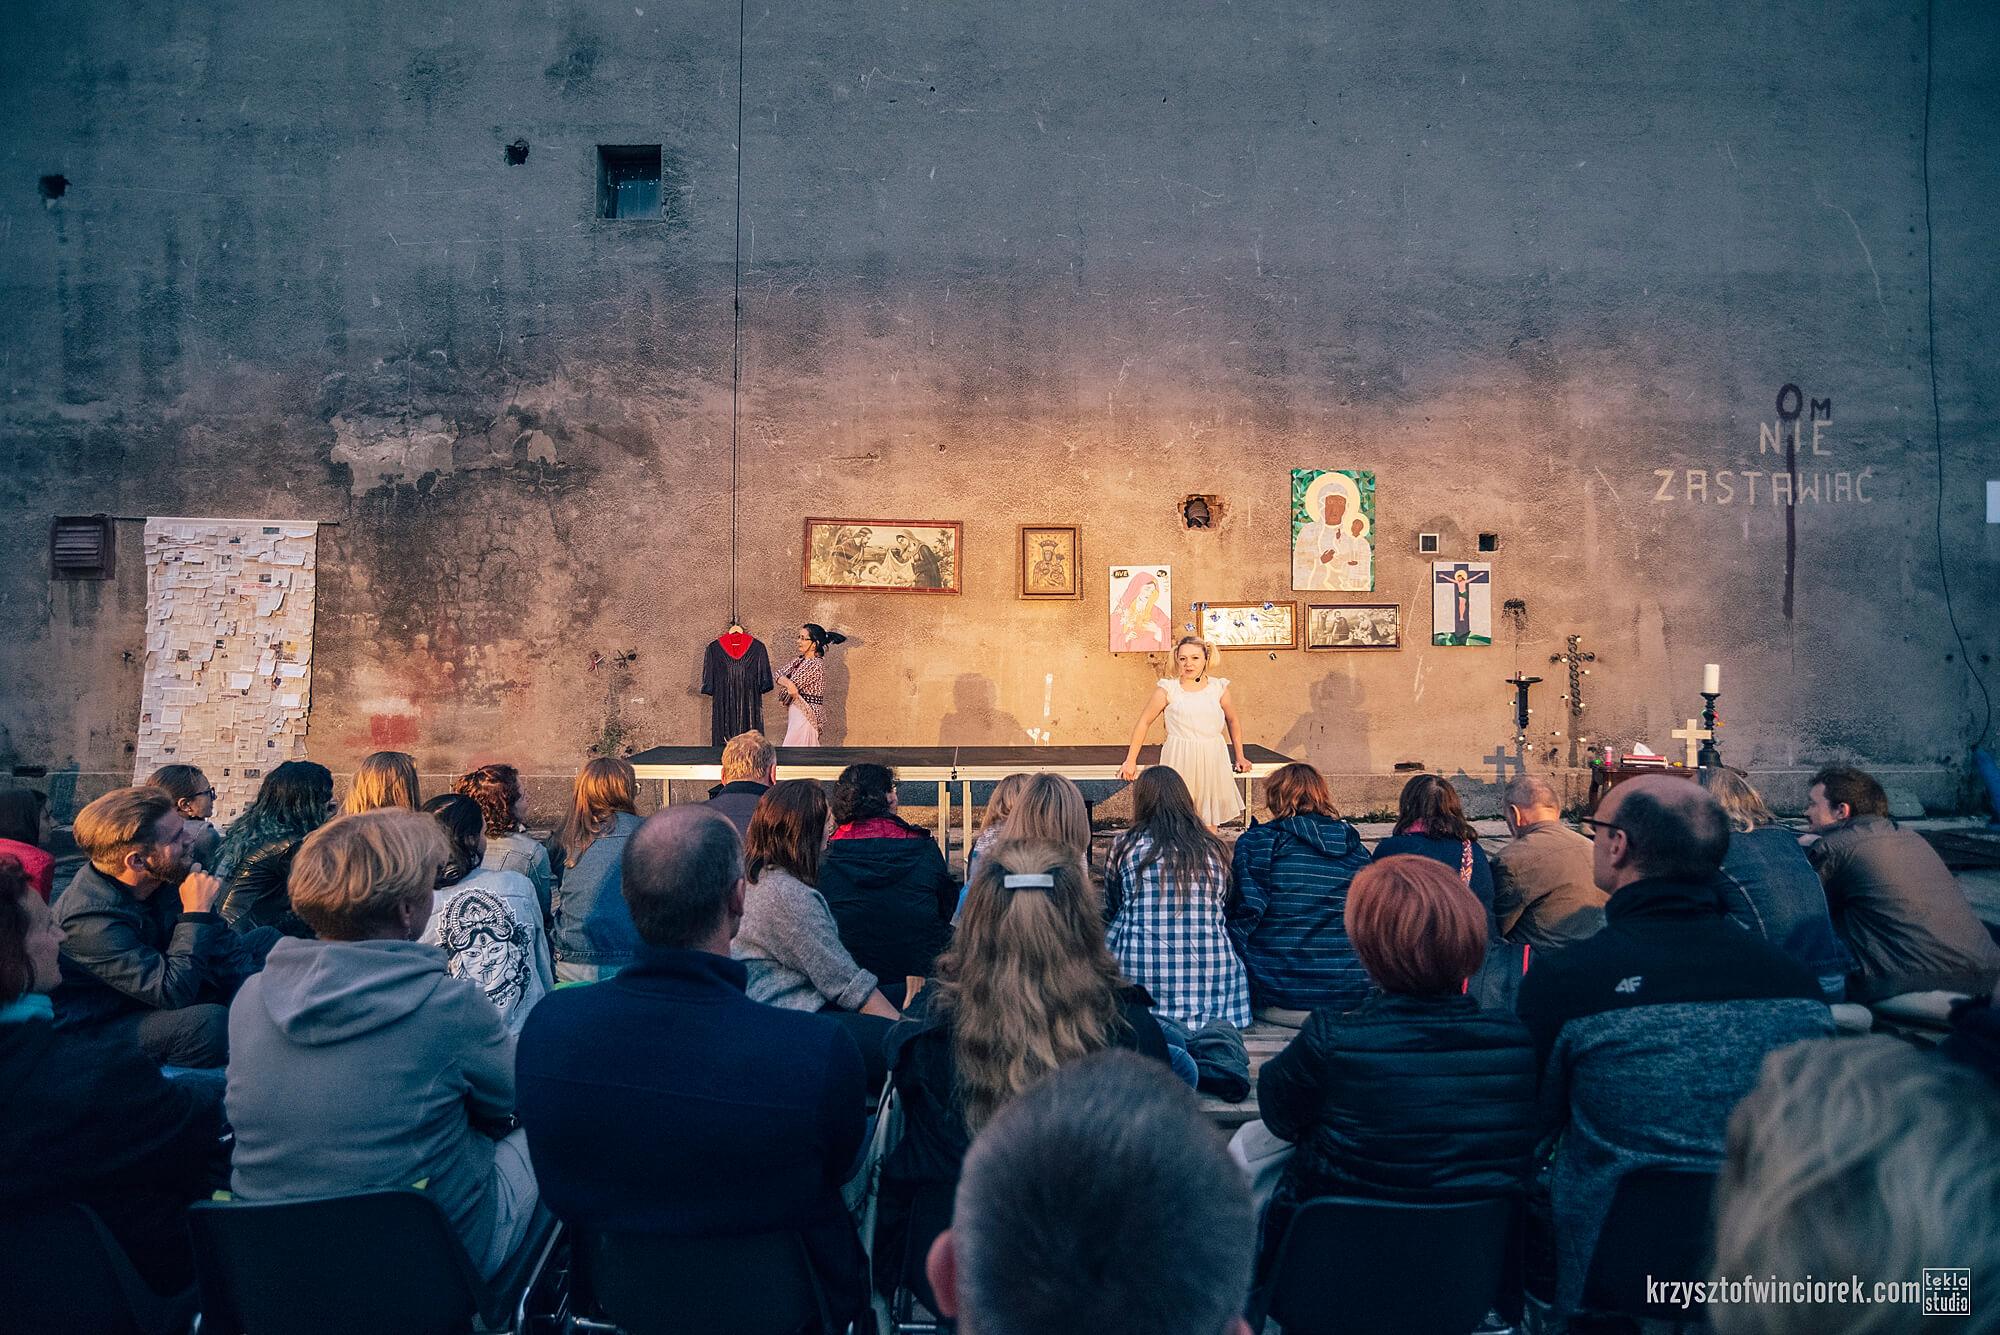 Zdjęcie do spektaklu Kawa, Chleb i ser. Publicznosc zgromadzona przed wysoką brudną ścianą na której wiszą religijne obrazy. W drugim planie 2 aktorki.